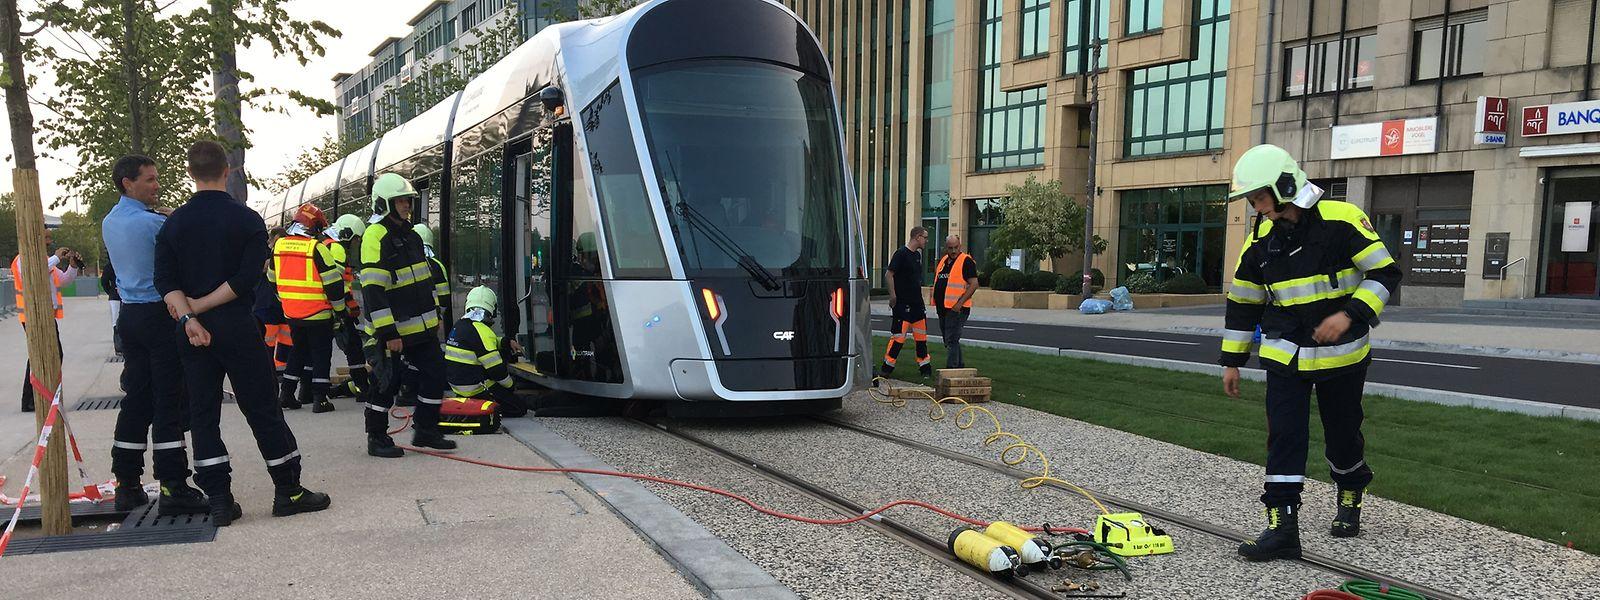 Am Mittwoch wurde ein Unfall mit der Tram simuliert.